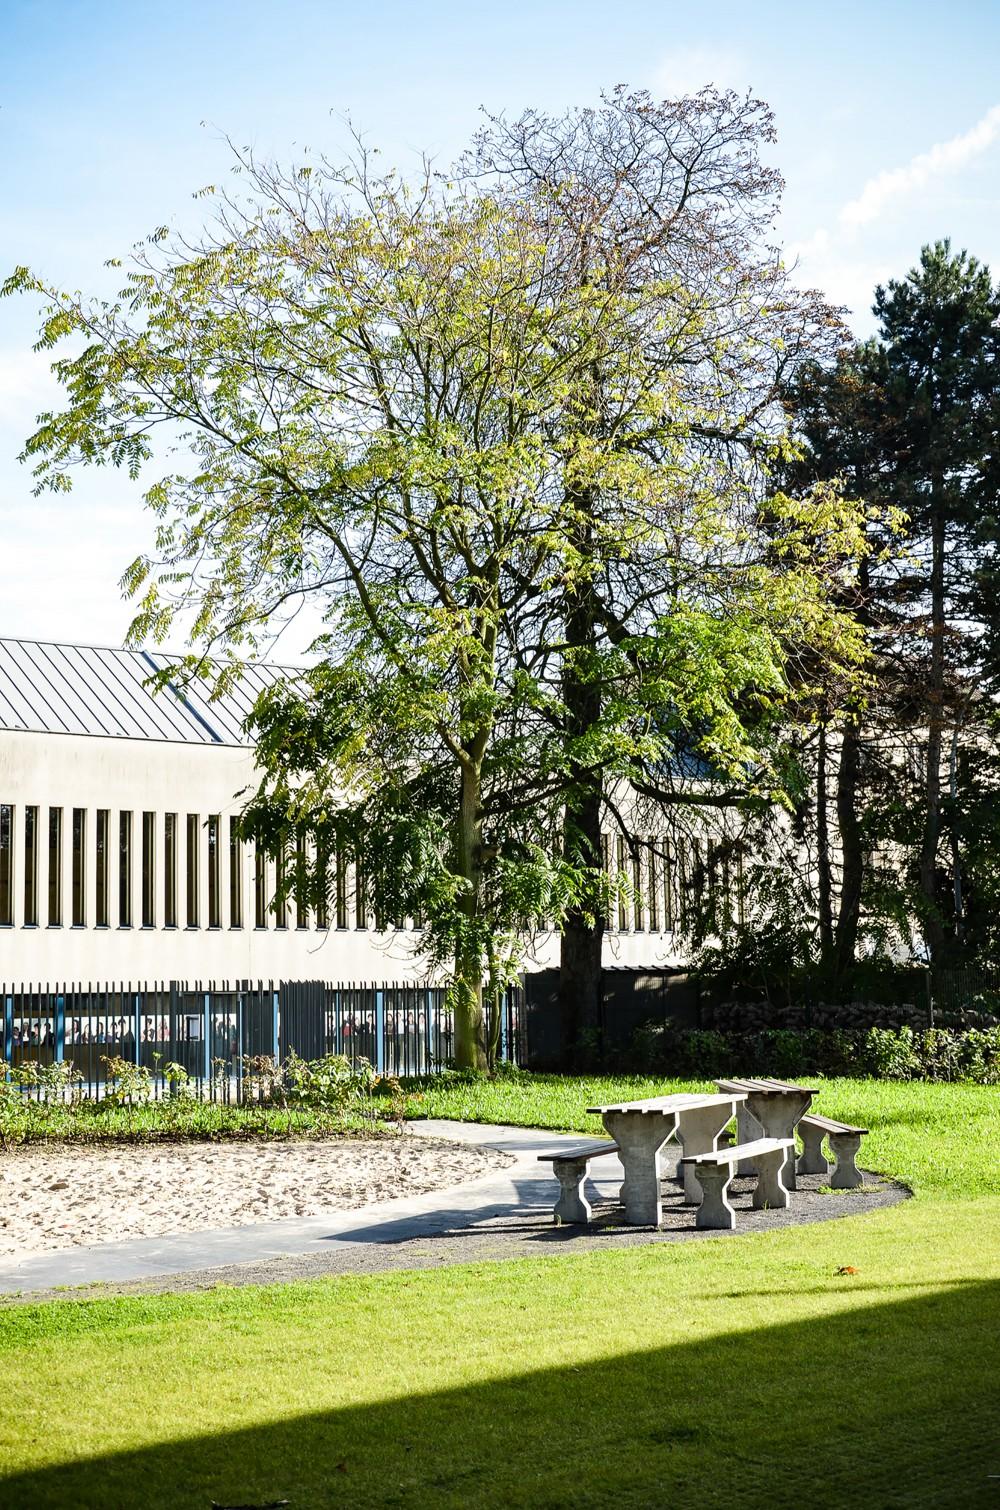 Abscis Architecten - Rustig picknicken in de nabijheid van een grote zandbak – fotografie Abscis Architecten